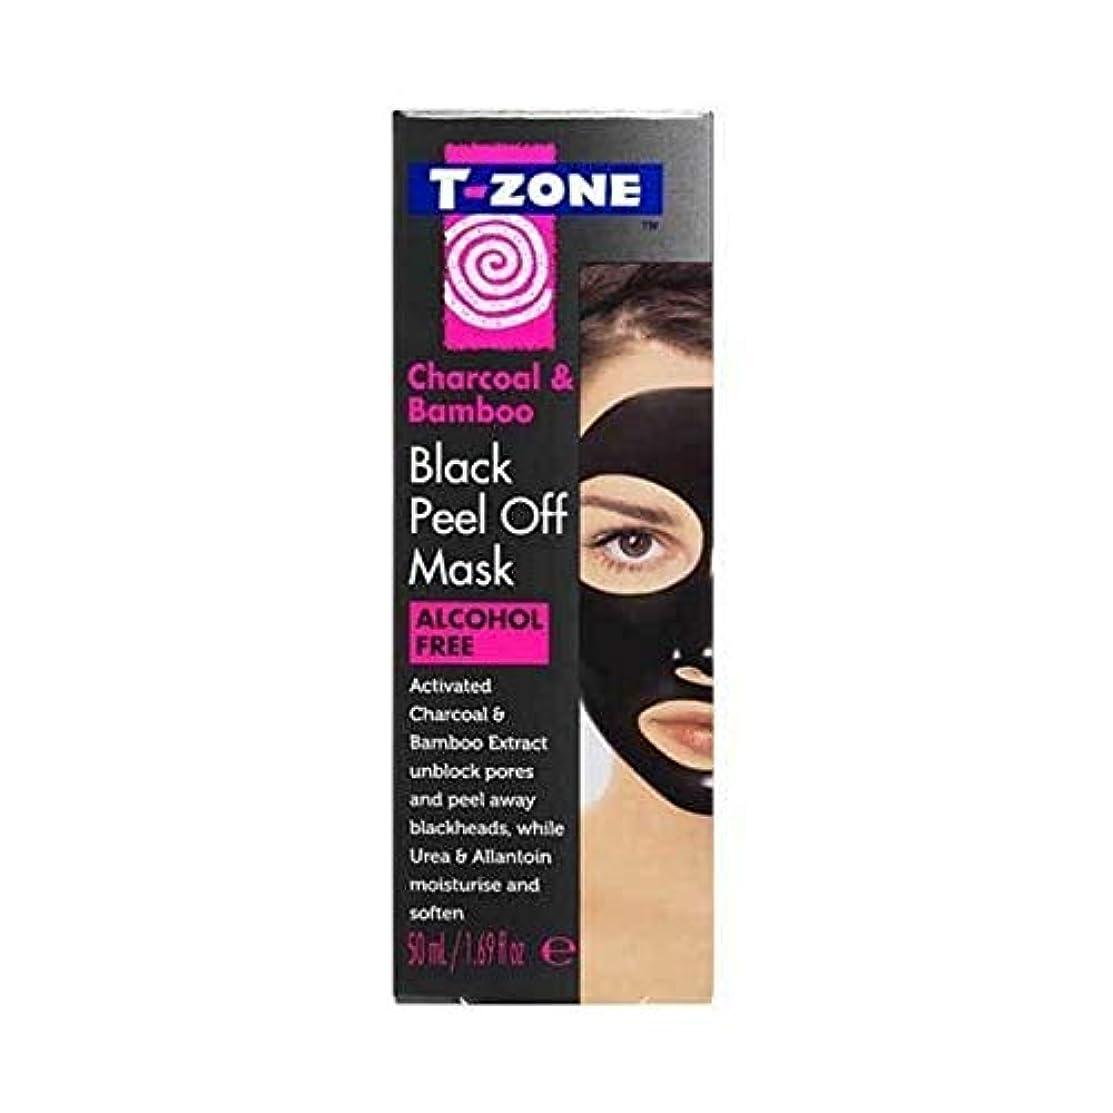 鮮やかな人物以前は[T-Zone] Tゾーン木炭&竹ブラックマスク50ミリリットルを剥がし - T-Zone Charcoal & Bamboo Black Peel Off Mask 50ml [並行輸入品]